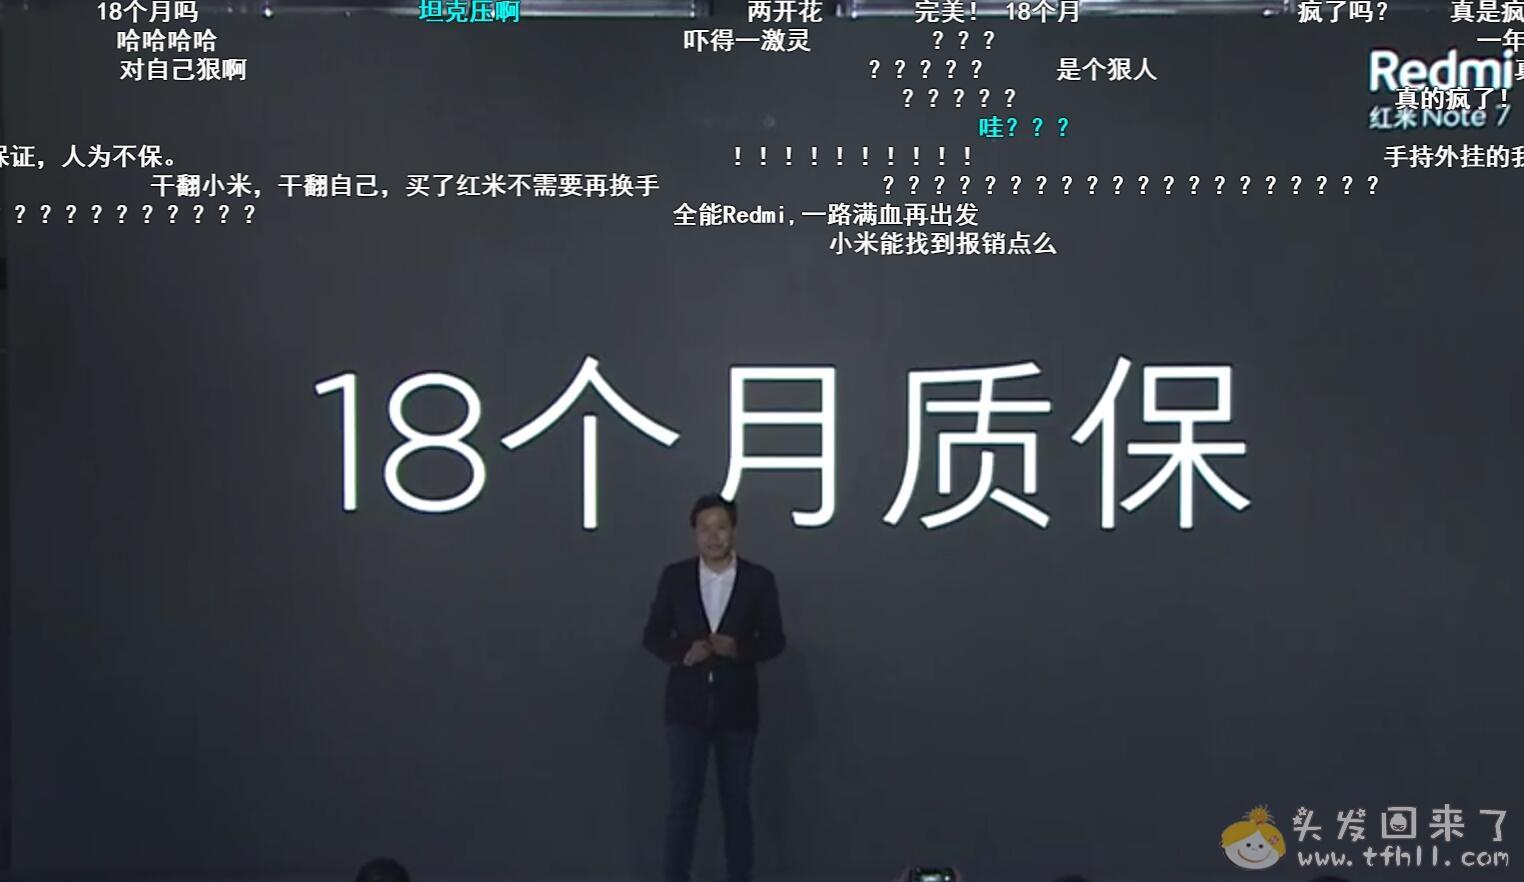 小米独立品牌Redmi红米note7今天发布,有点儿香哟图片 No.5